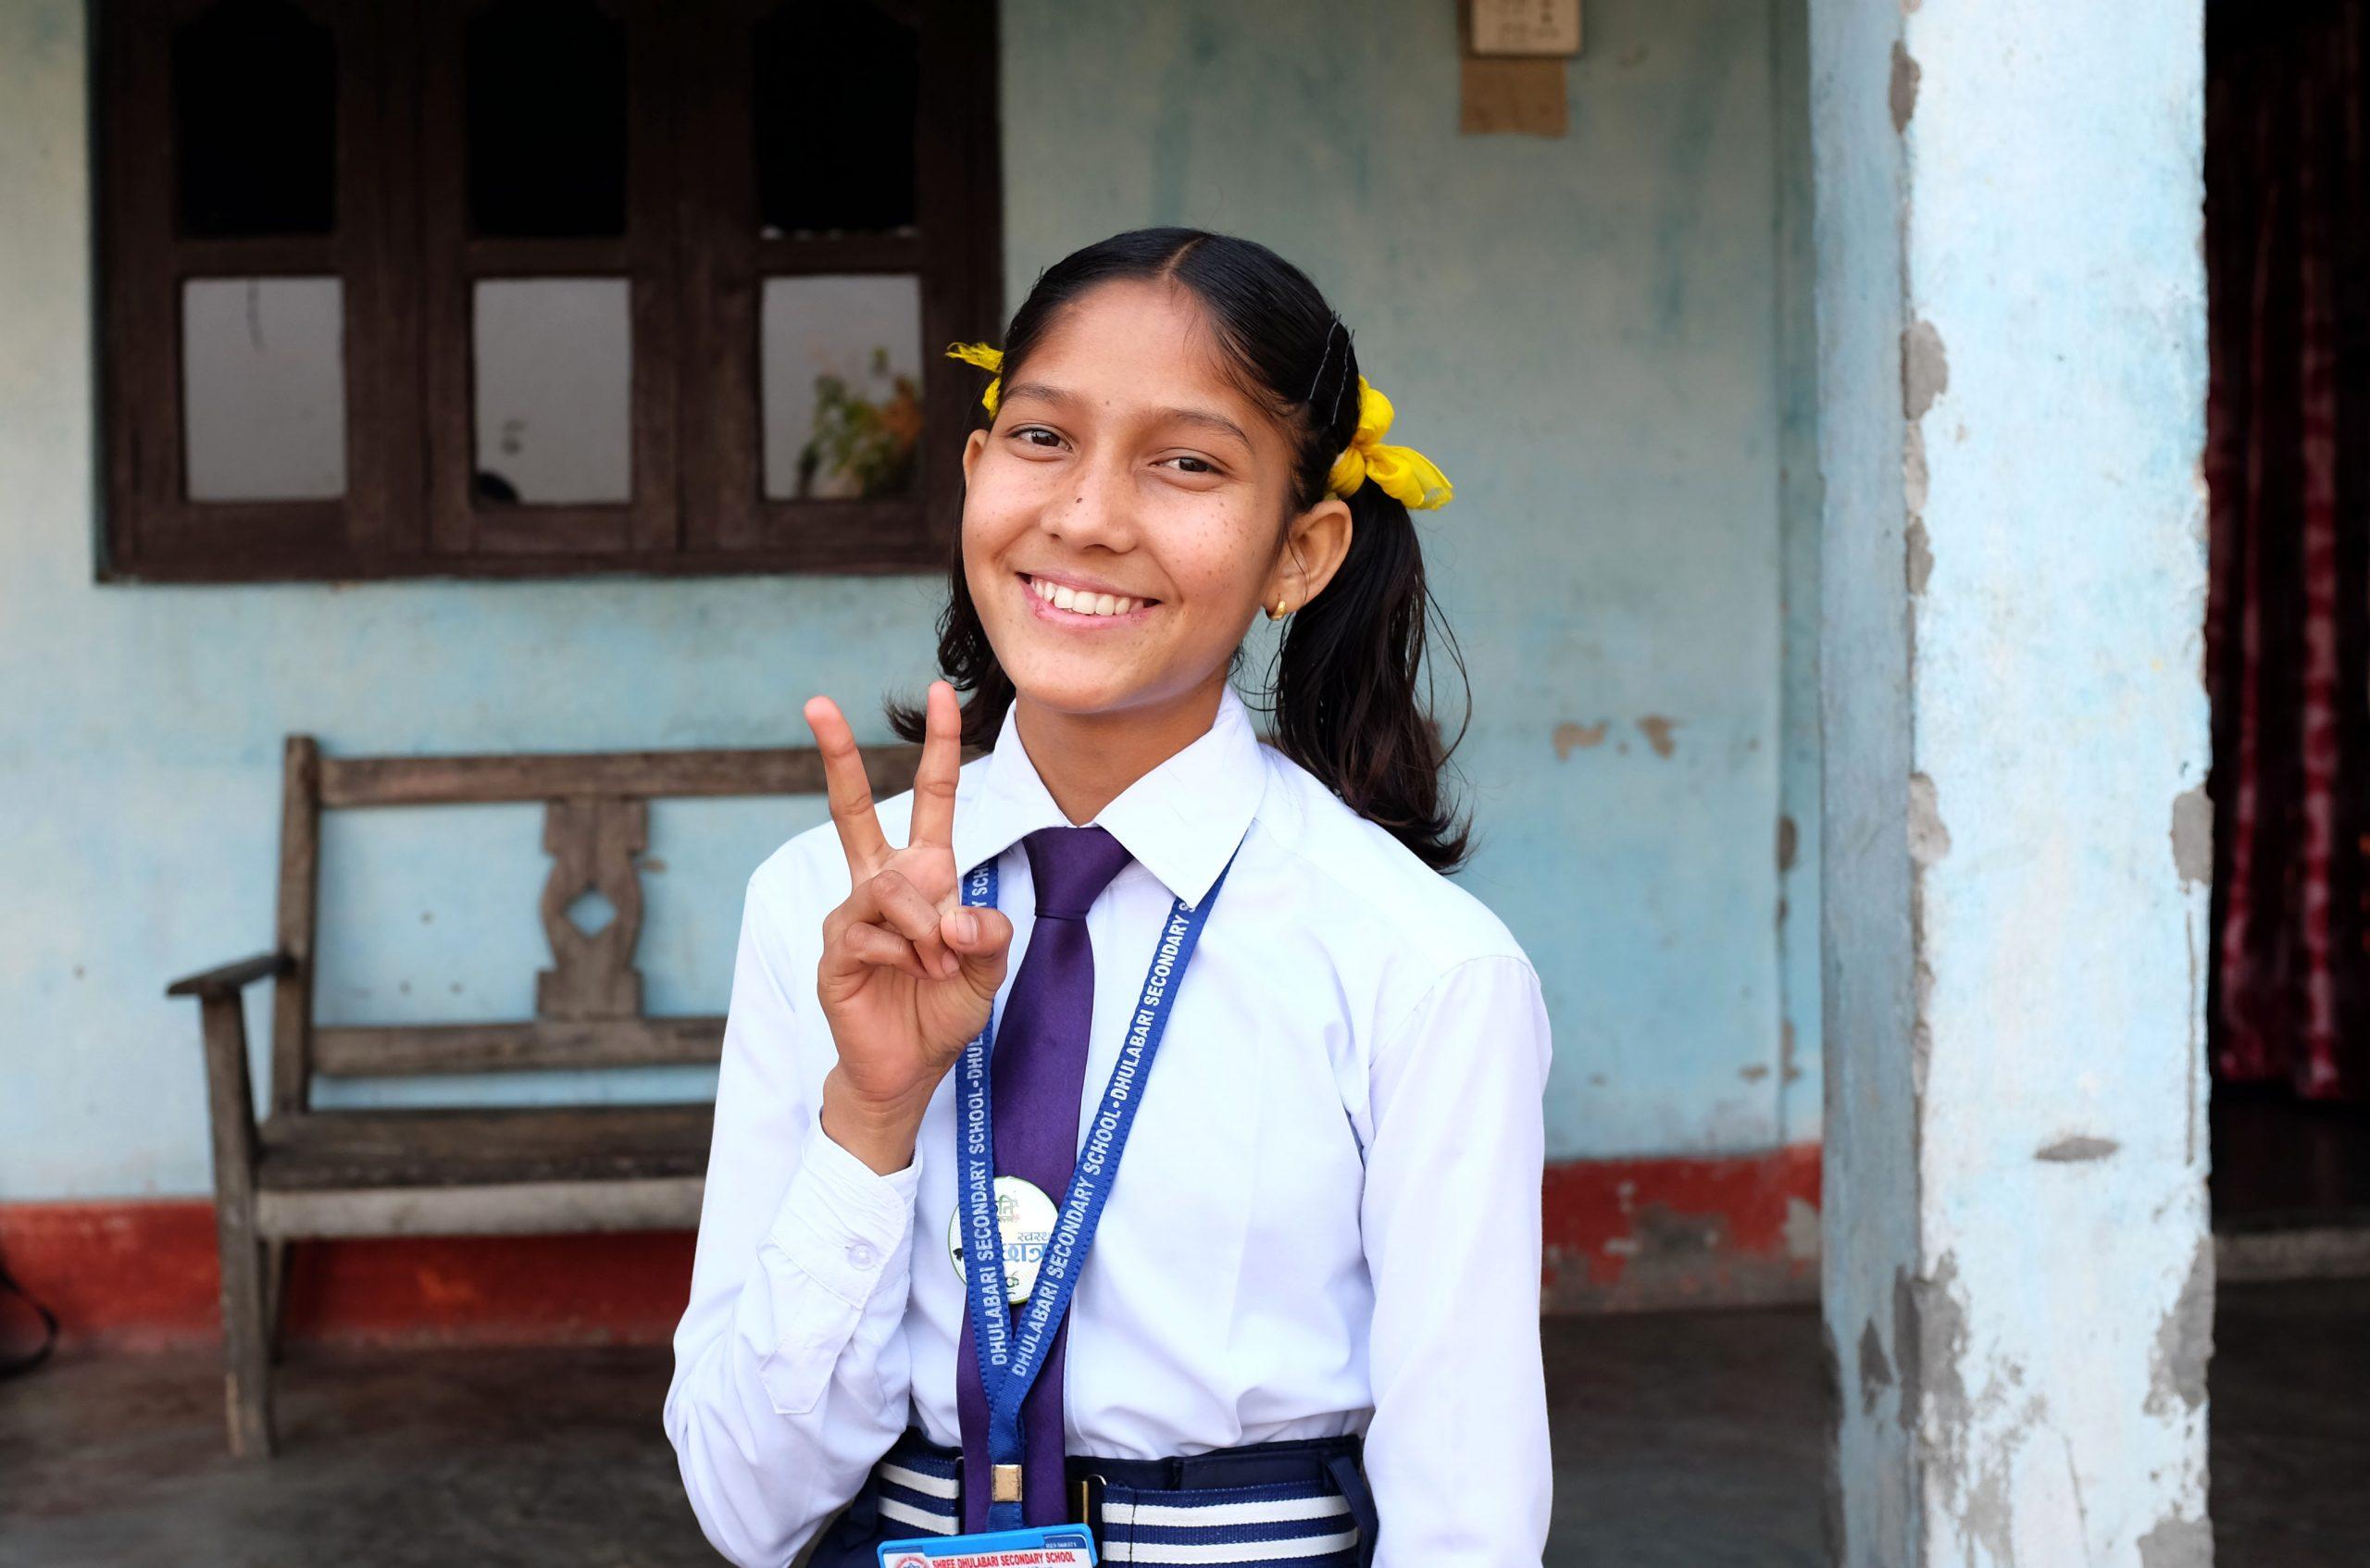 Tyttö koulupuvussa katsoo kameraan ja hymyilee.